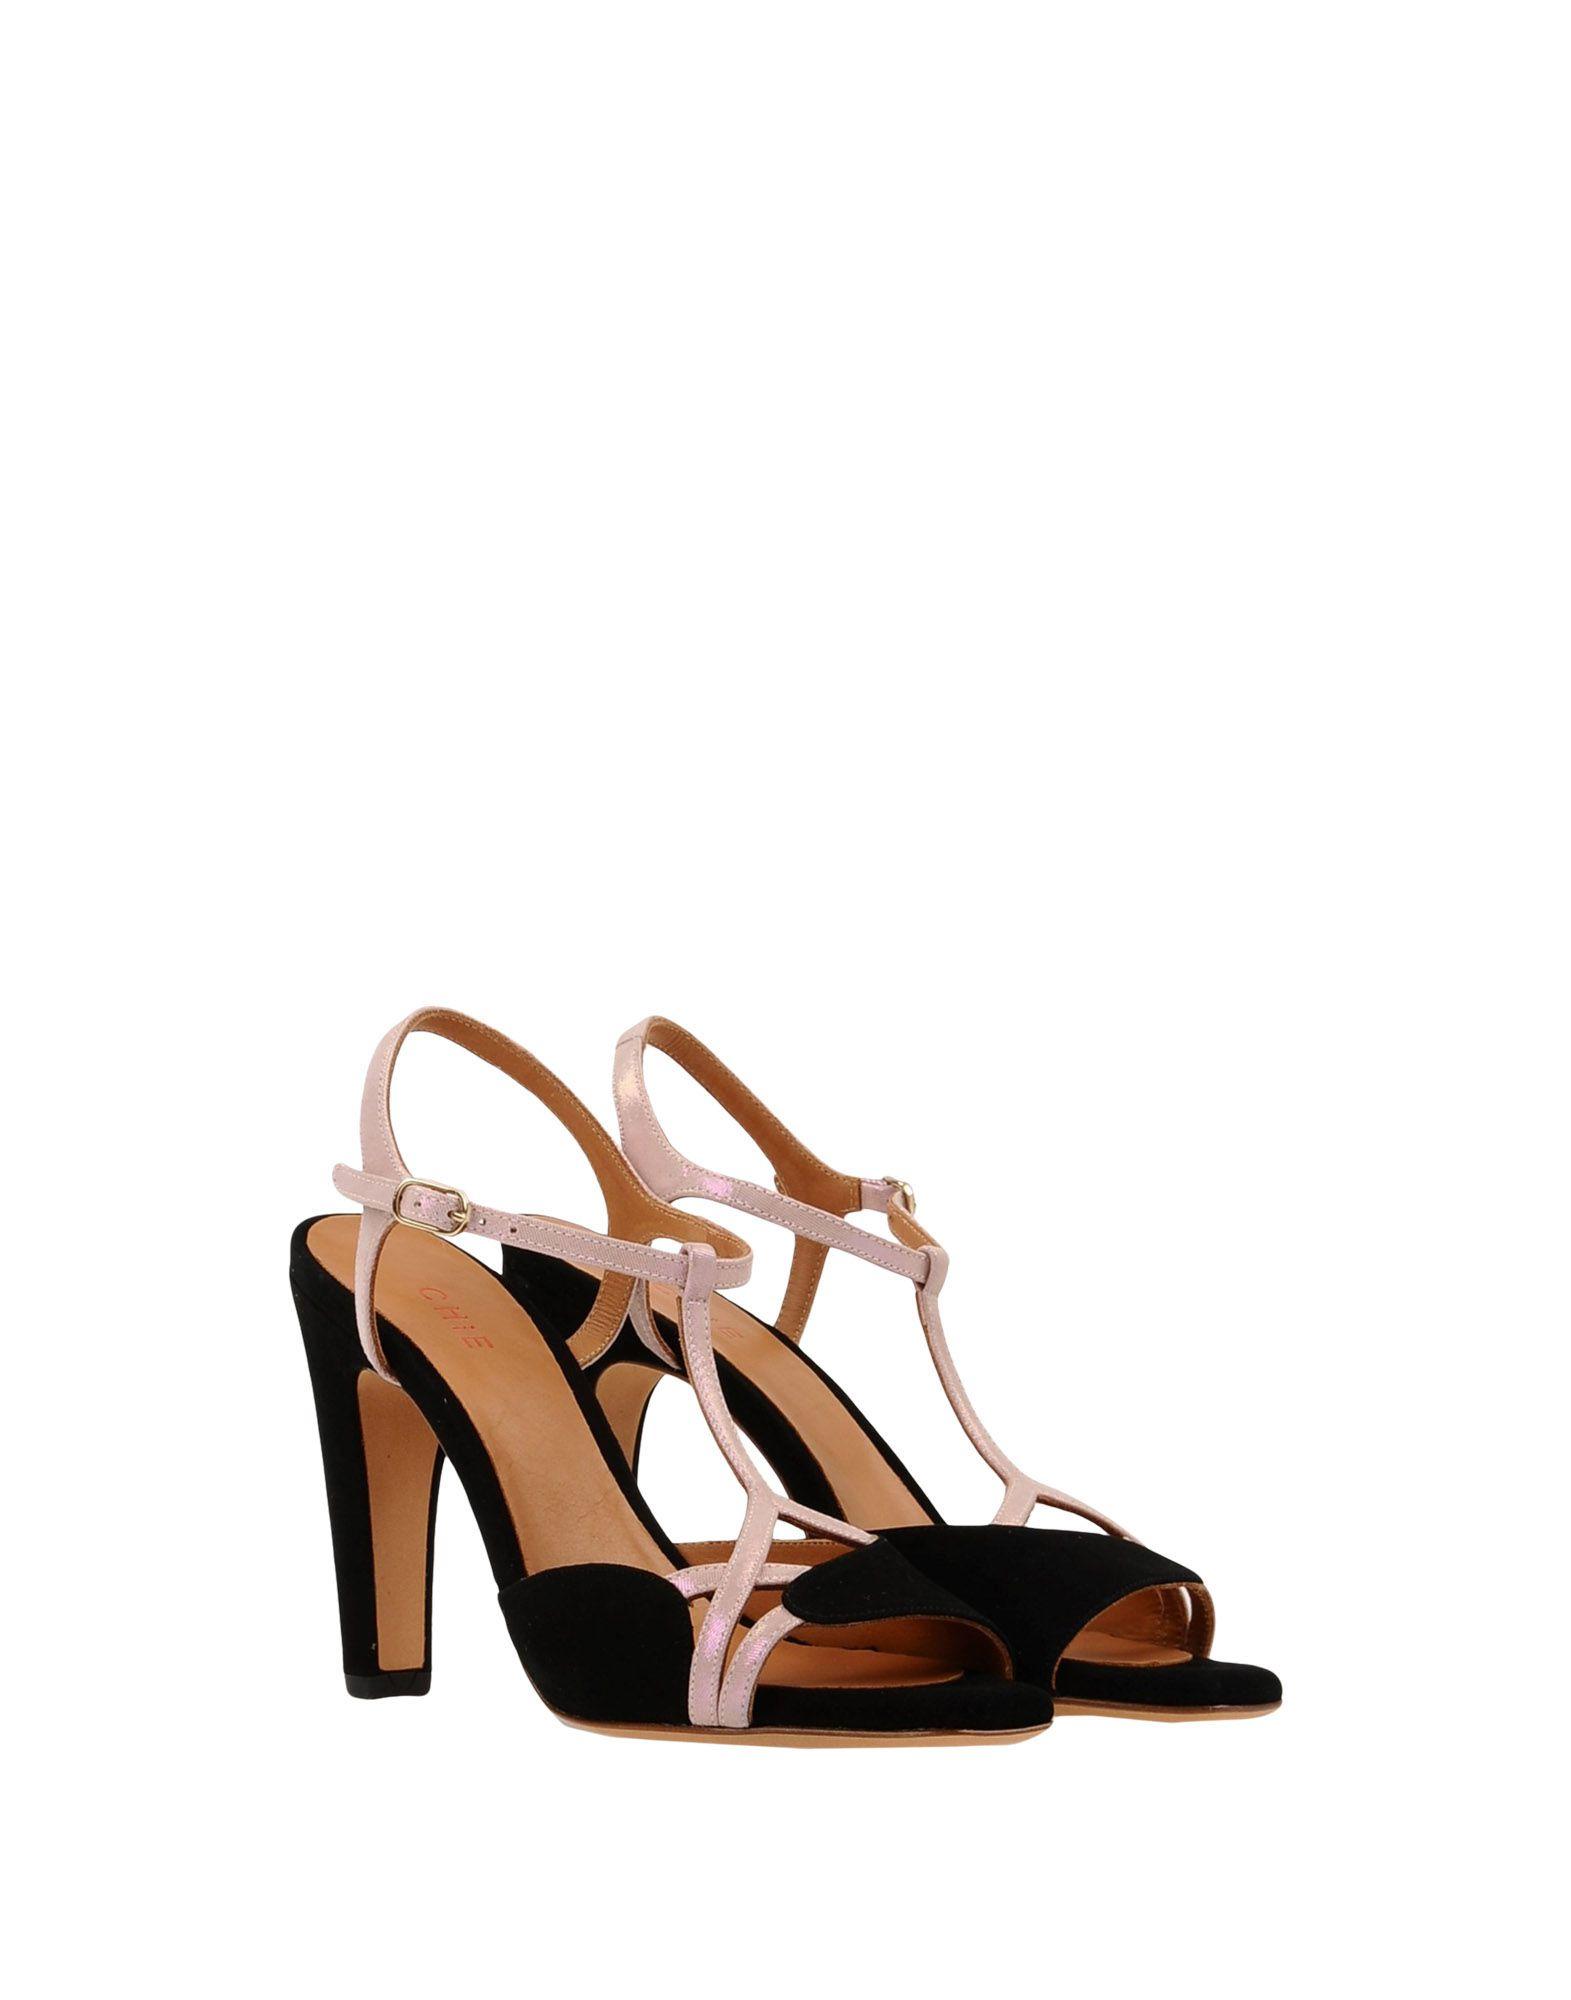 Chaussures - Tribunaux Chie Mihara zCj4zQK